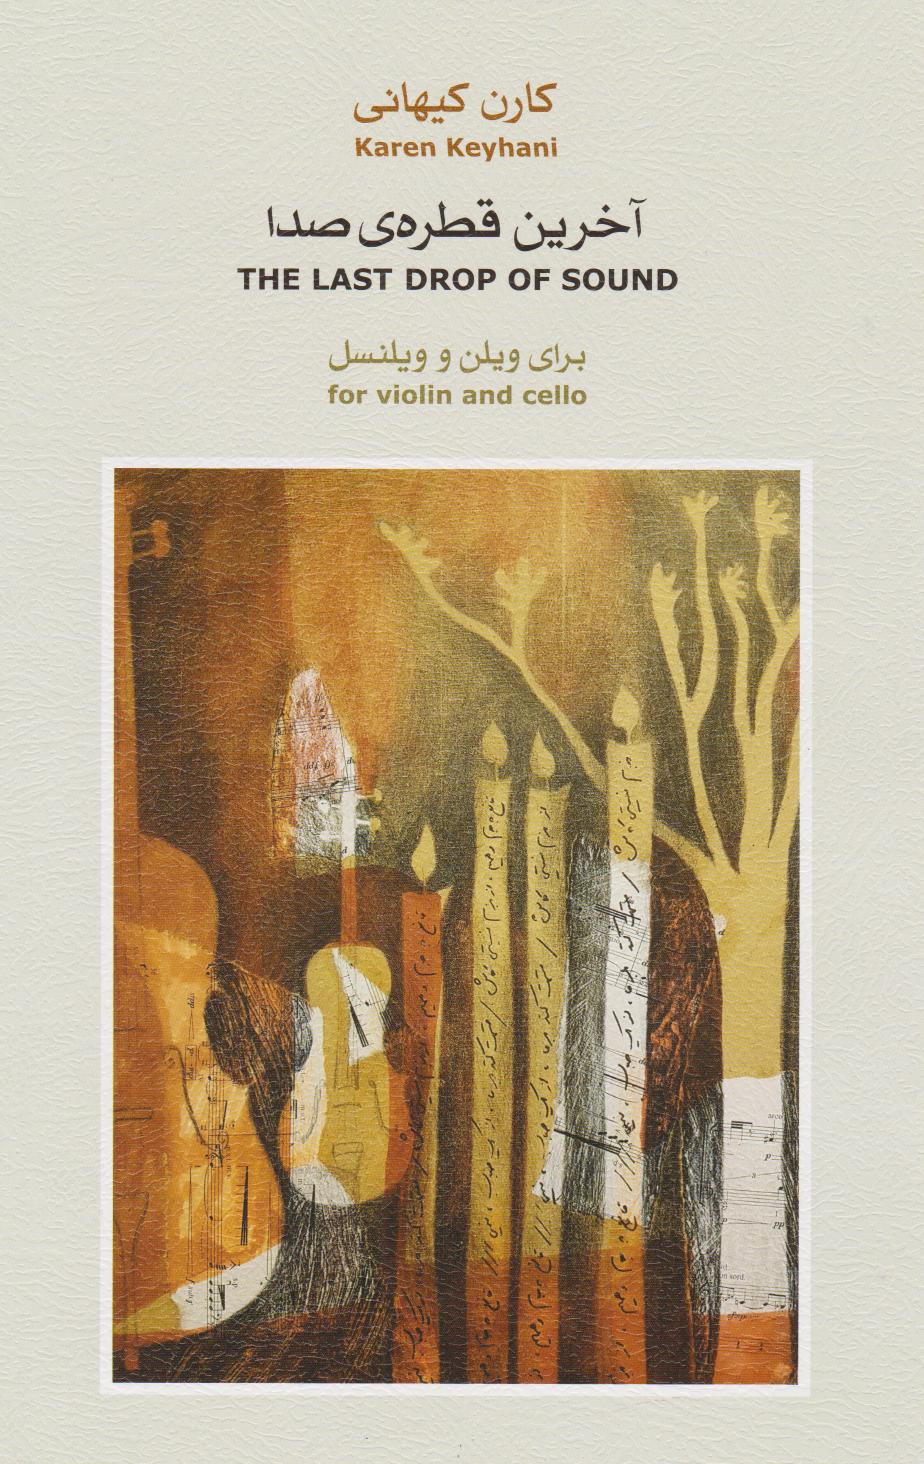 کتاب آخرین قطرهی صدا برای ویولن و ویولنسل کارن کیهانی انتشارات ماهور